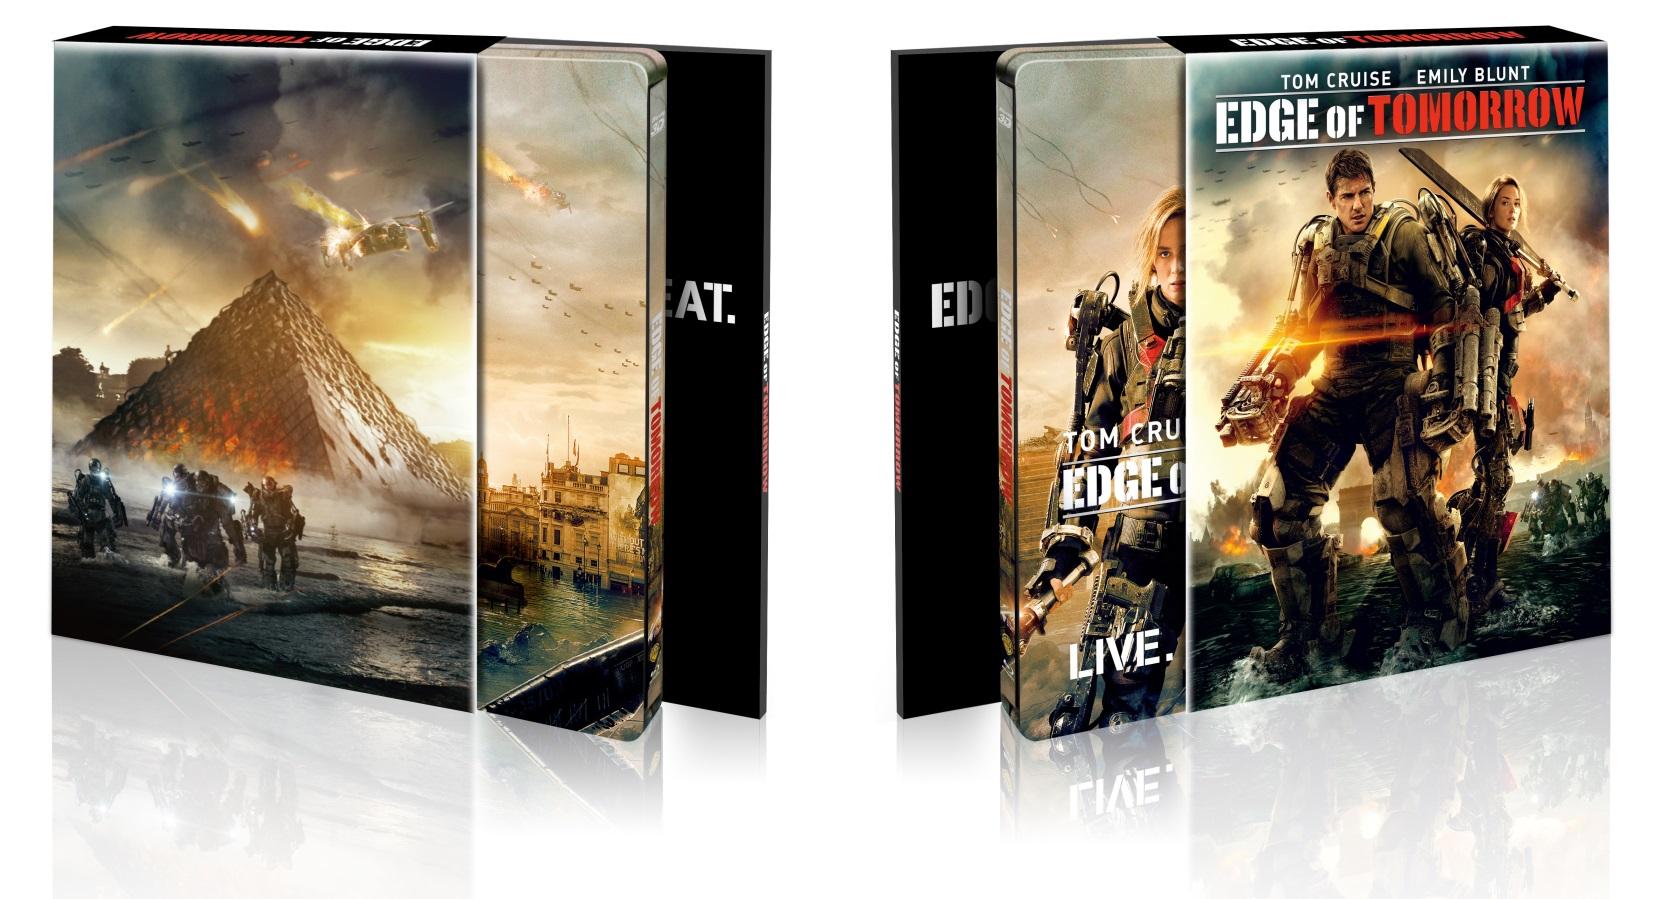 Edge of Tomorrow steelbook HDzeta2